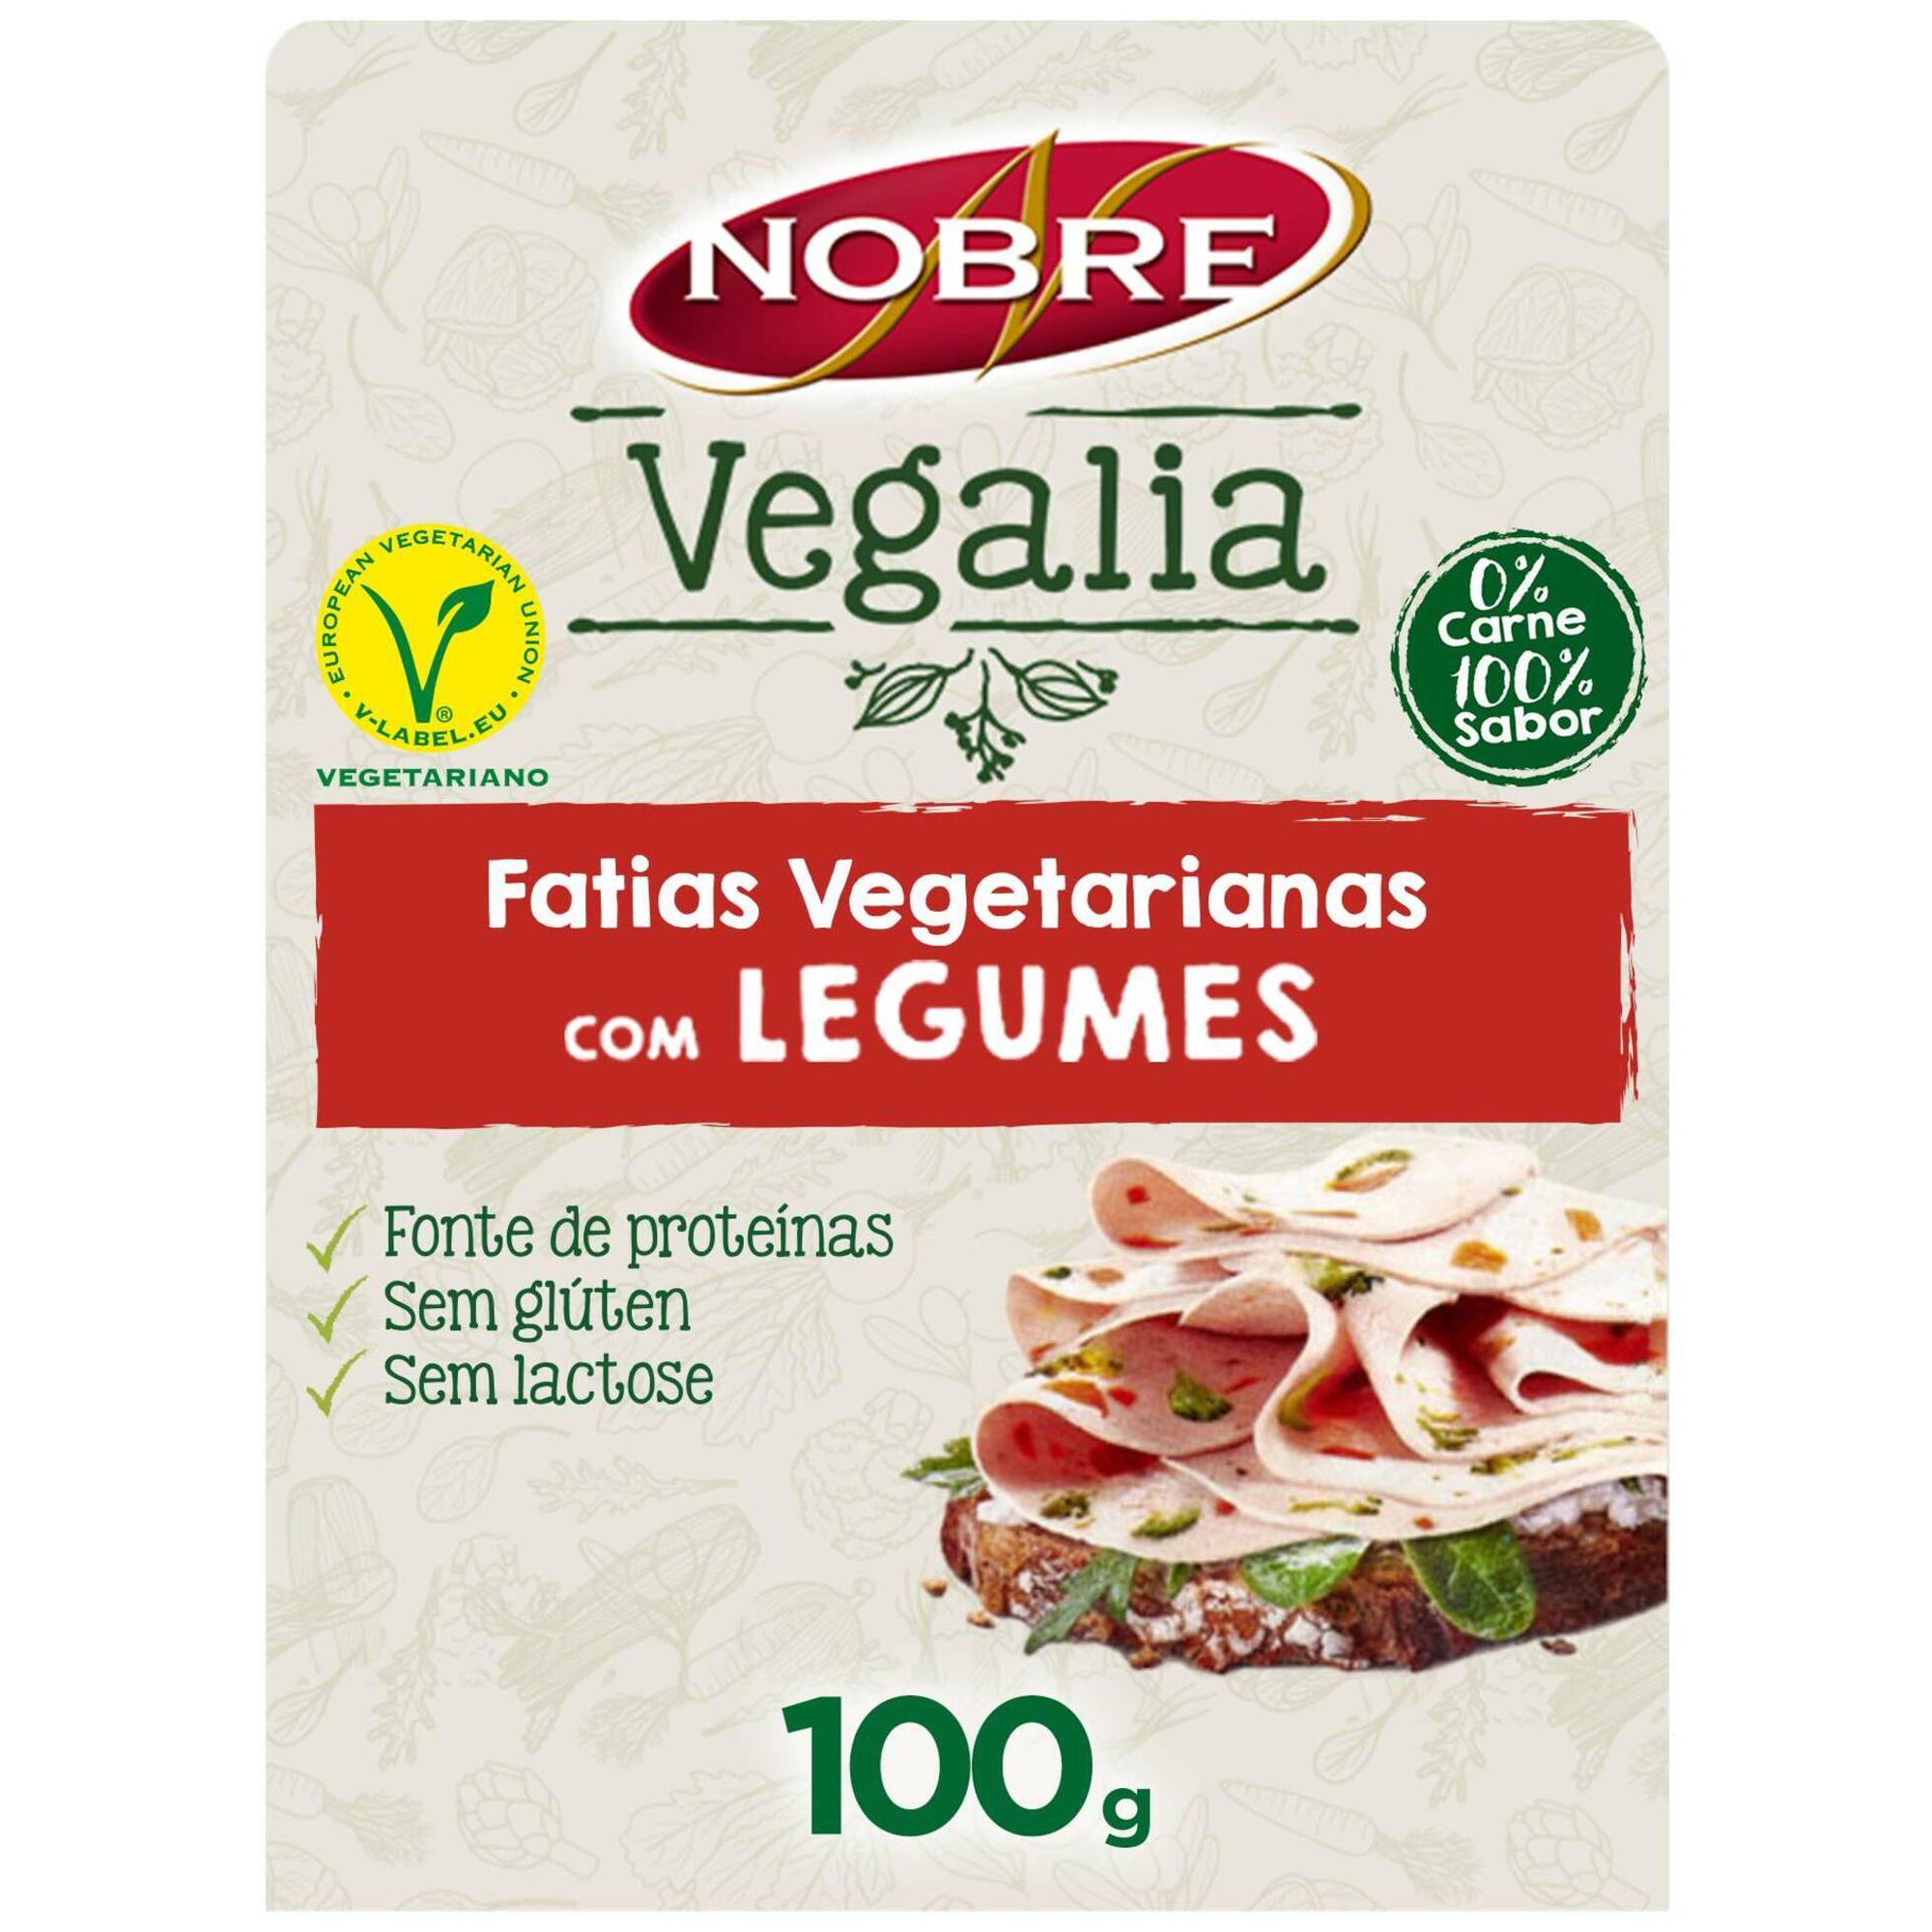 Fatias Vegetarianas com Legumes